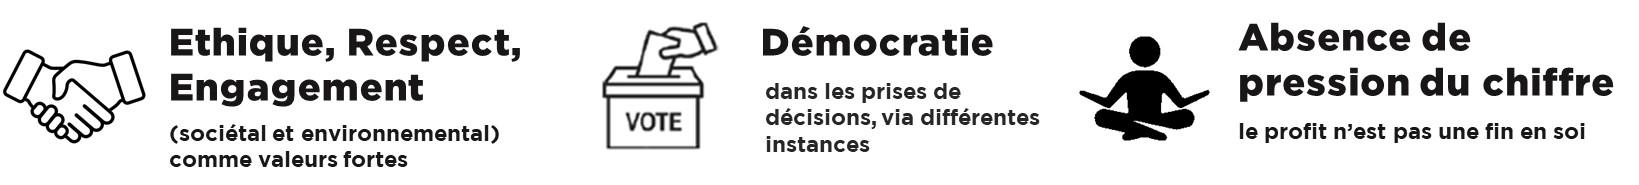 https://www.alpes-controles.fr/wp-content/uploads/2021/06/Pictos-valeurs-democratie-absence-pression-chiffre.jpg